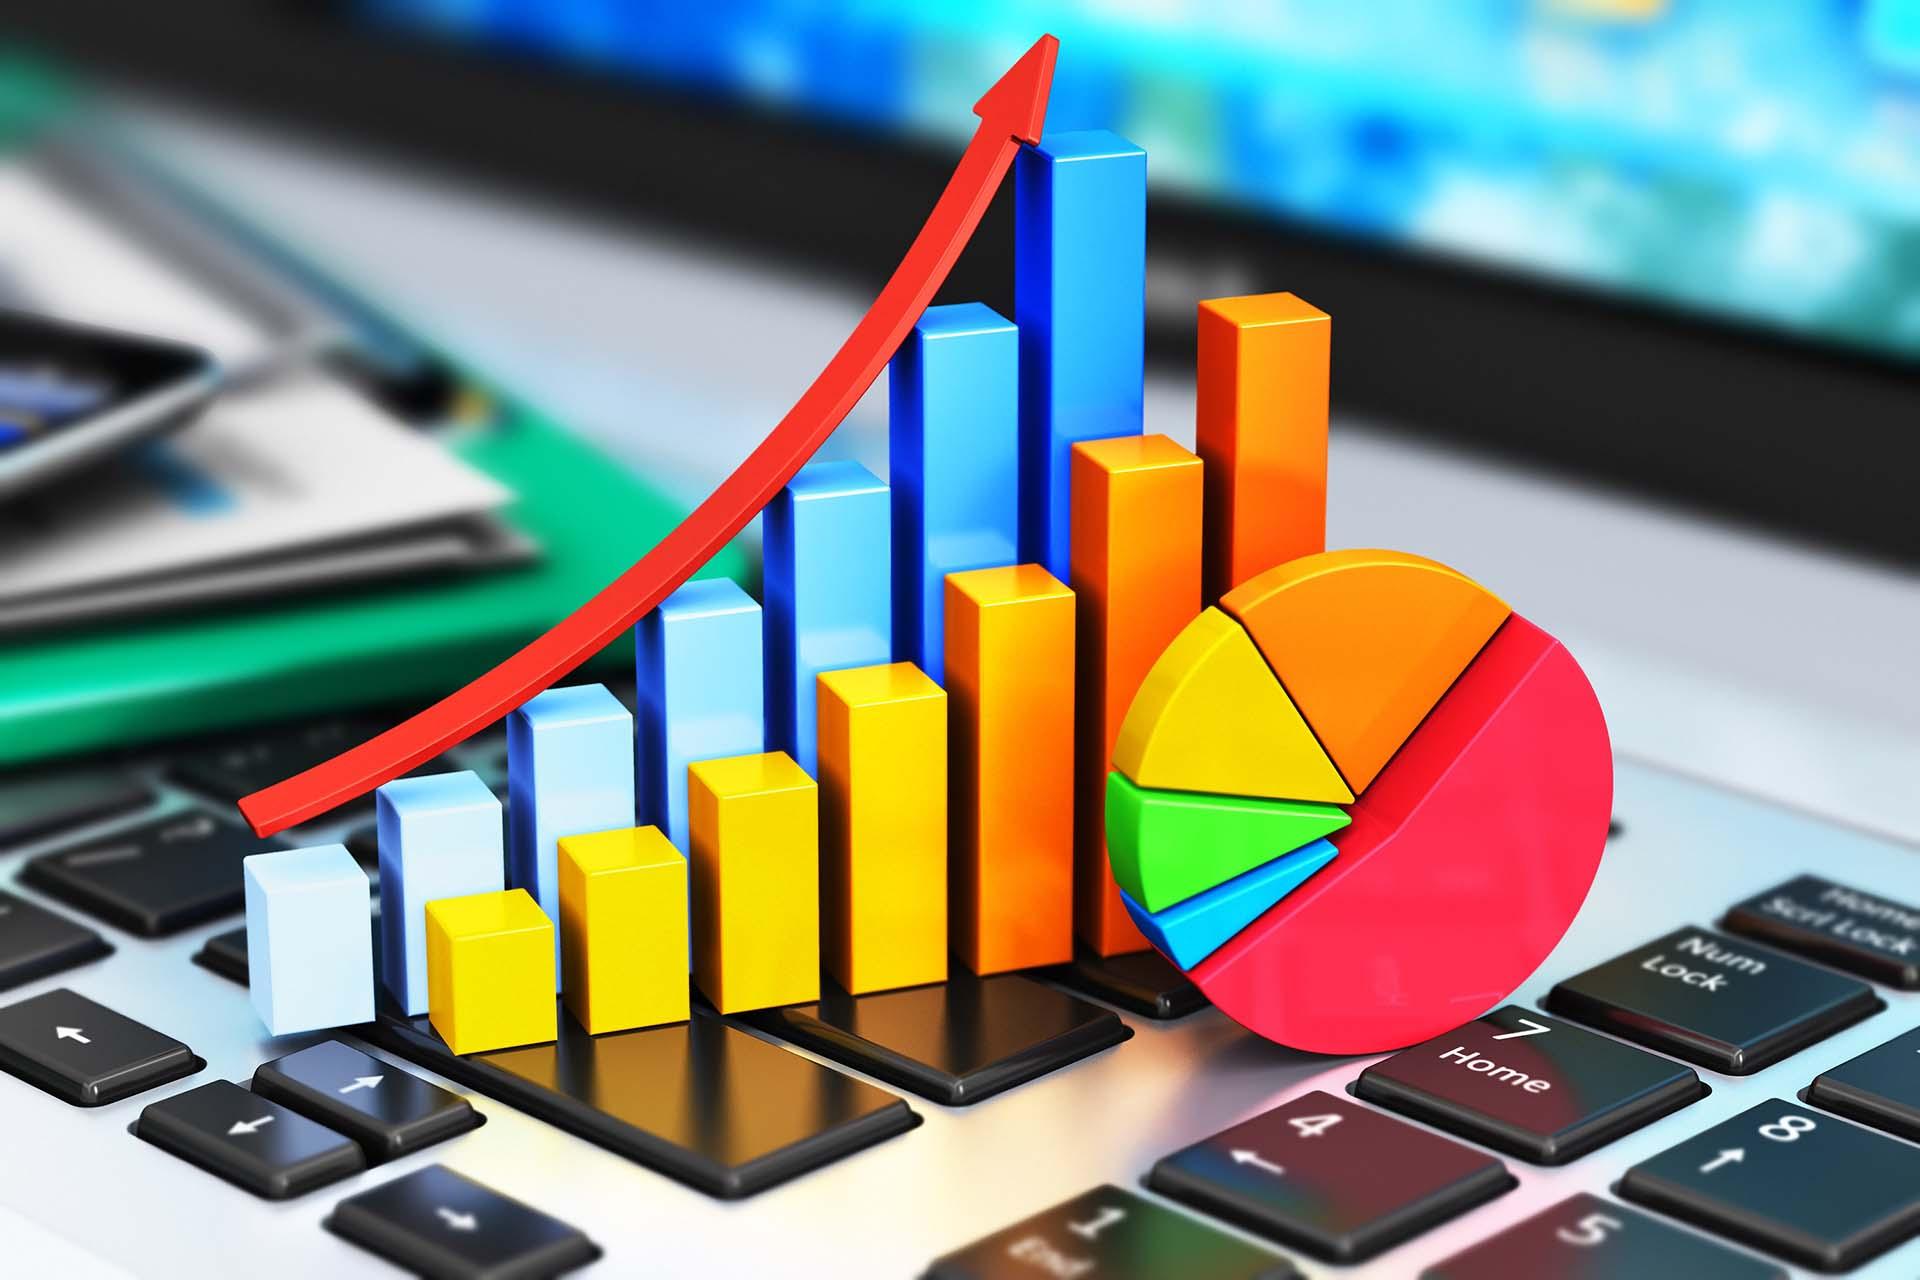 Бесплатный вебинар: Стратегический маркетинг: как улучшить управление компанией и финансами